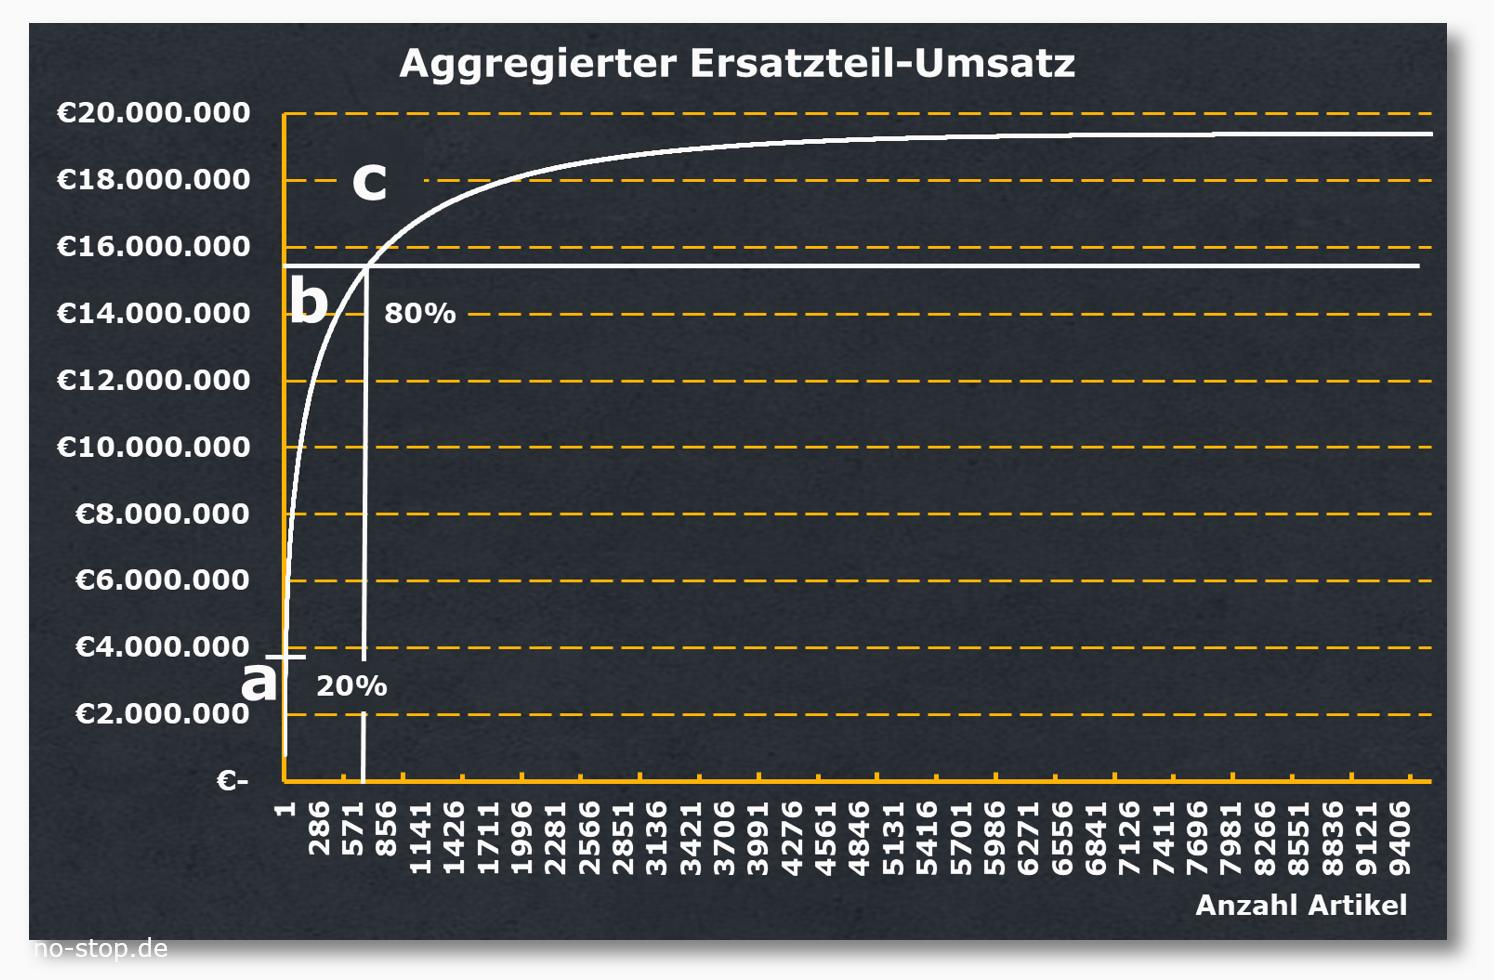 abc-Analyse mit Grafik des Ersatzteil-Umsatzes aus steigenden Einzel-Umsätzen